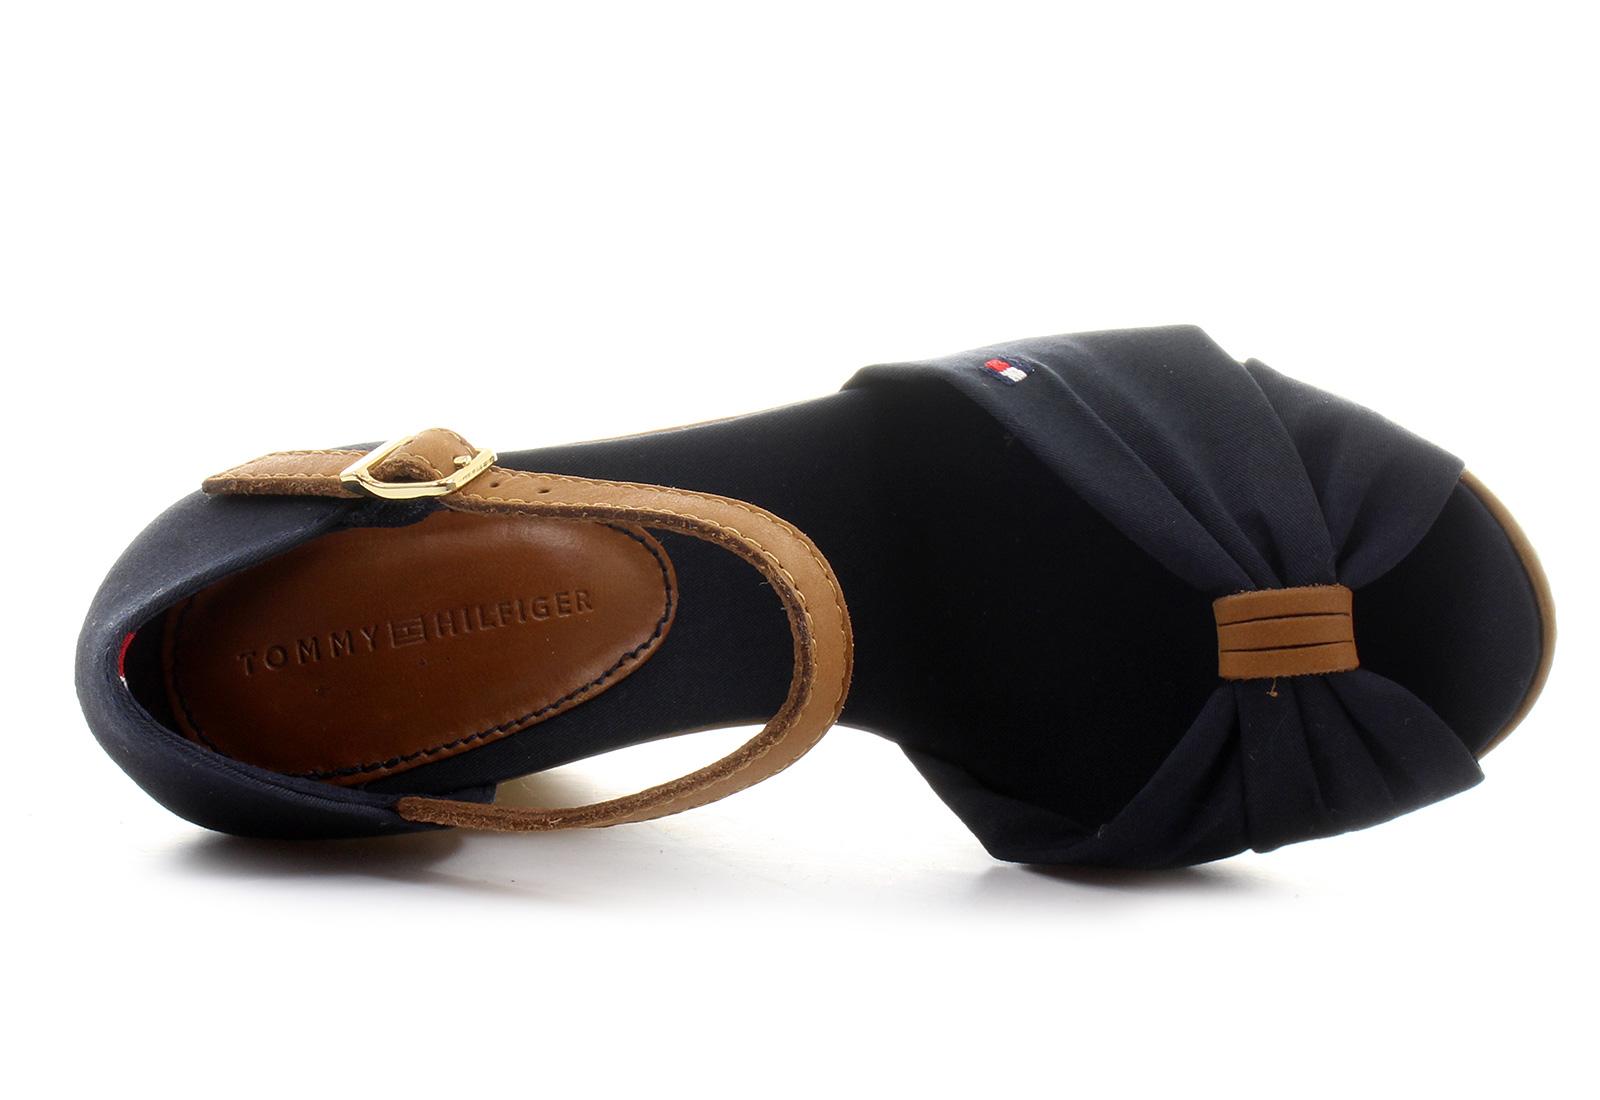 tommy hilfiger sandals emery 54d 15s 8540 403 online shop for. Black Bedroom Furniture Sets. Home Design Ideas